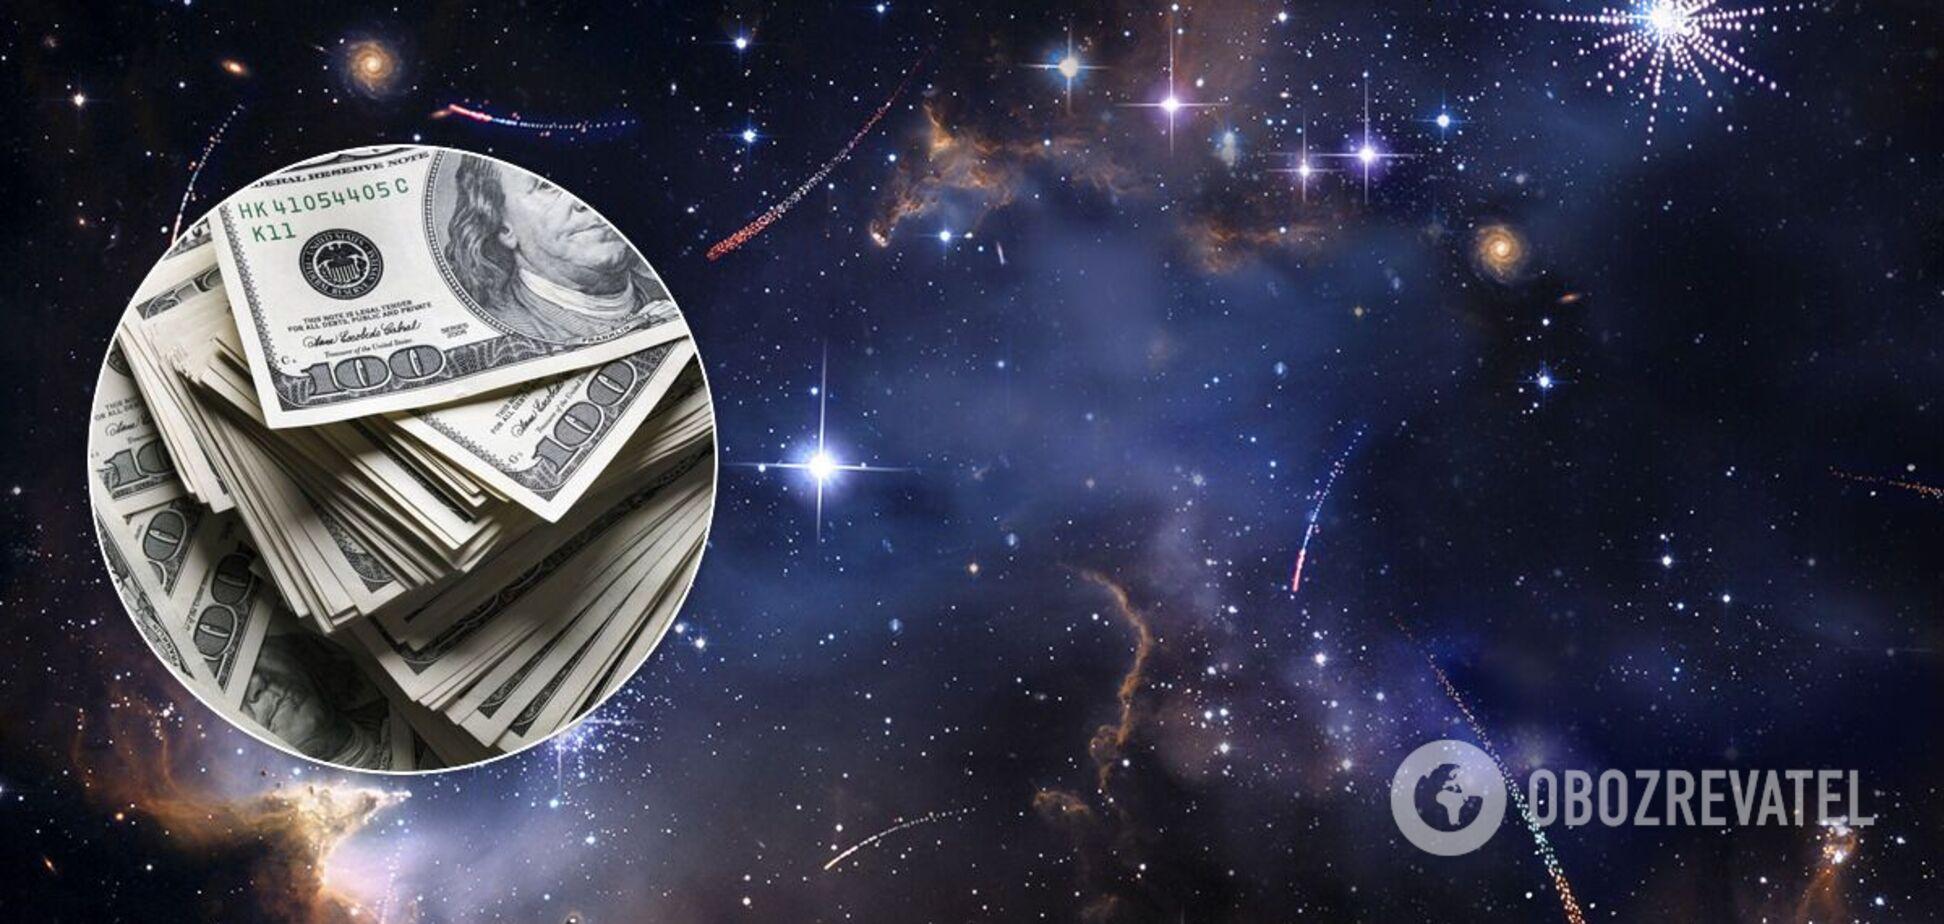 Какие знаки Зодиака чаще становятся миллиардерами: астрологи дали ответ